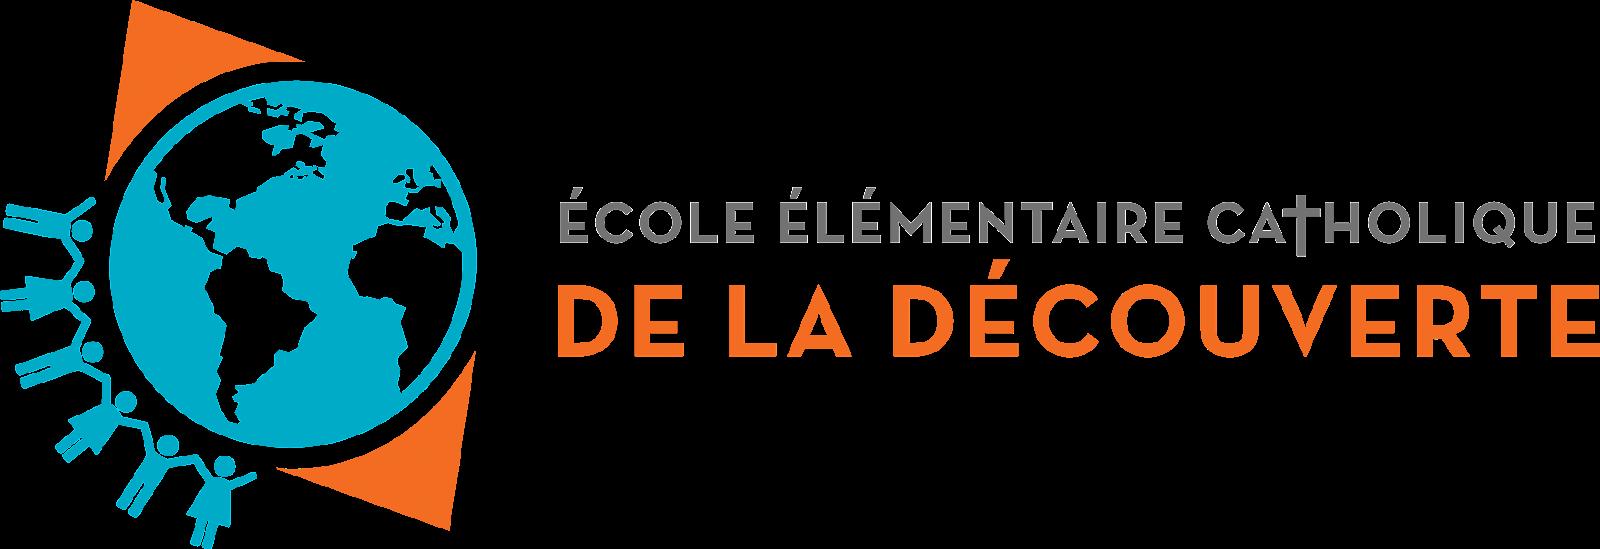 LOGO_ÉcoleDécouverte_Couleurs.png